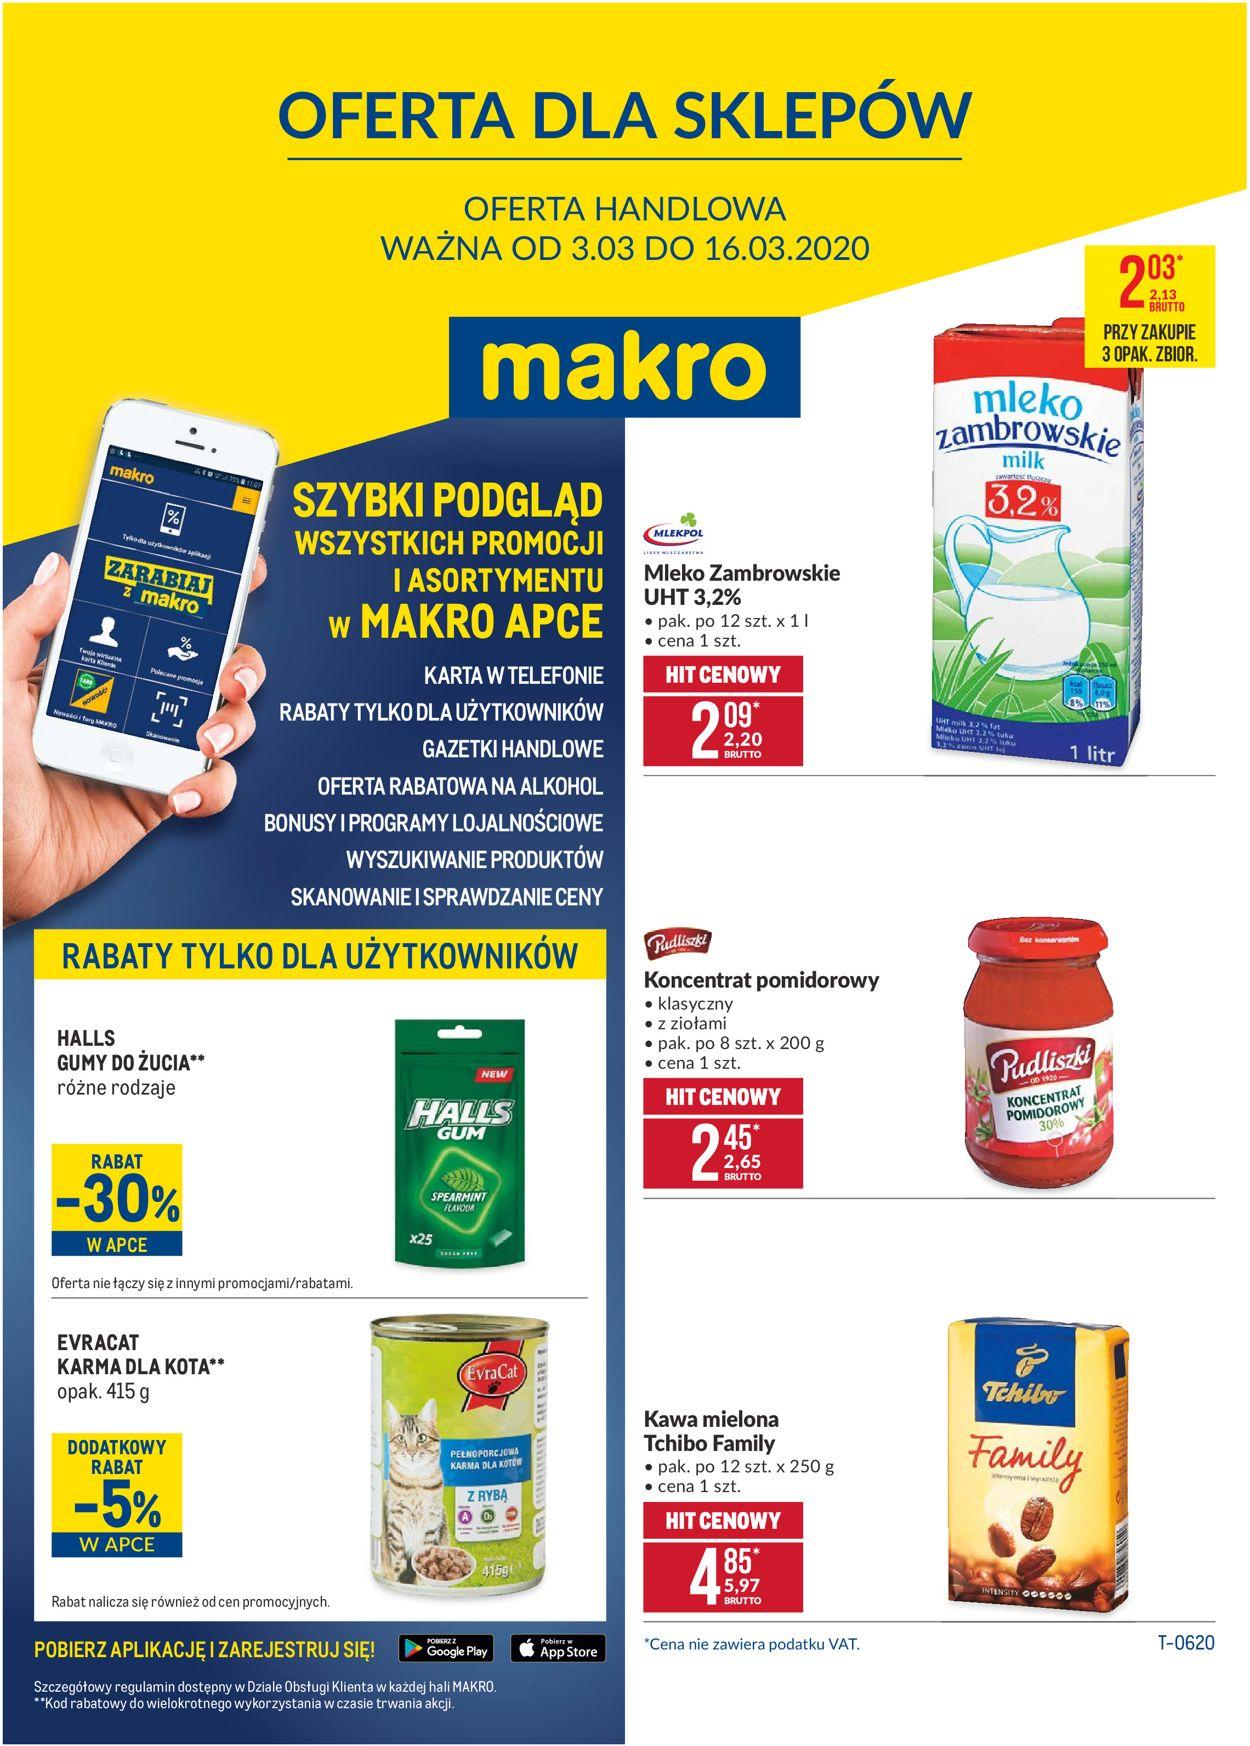 Gazetka promocyjna Makro - 03.03-16.03.2020